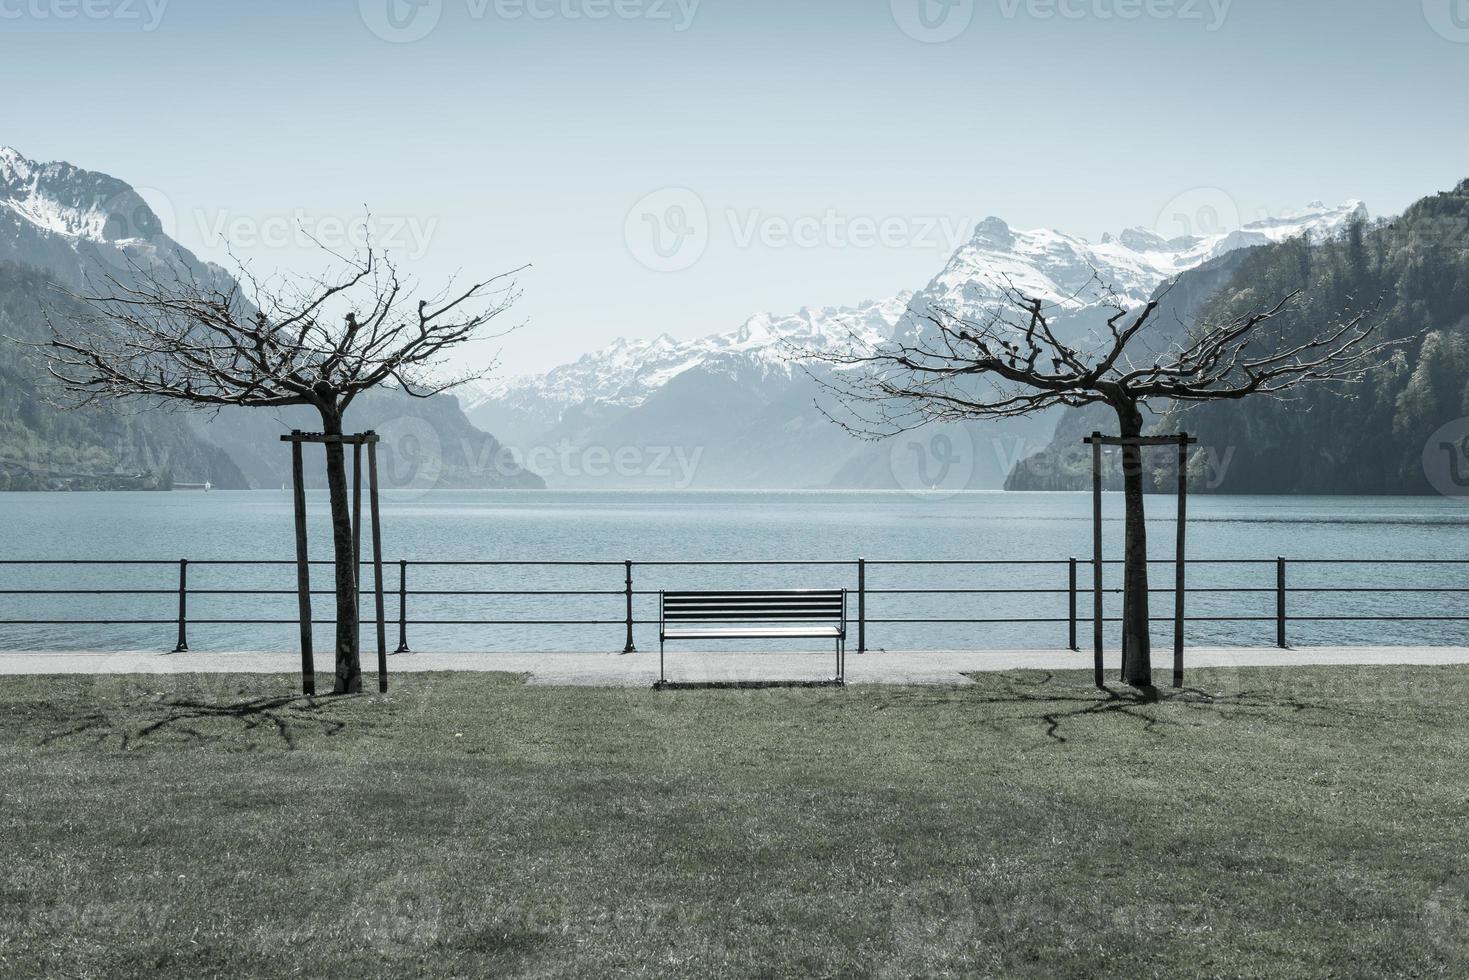 Park in town Brunnen in Switzerland photo